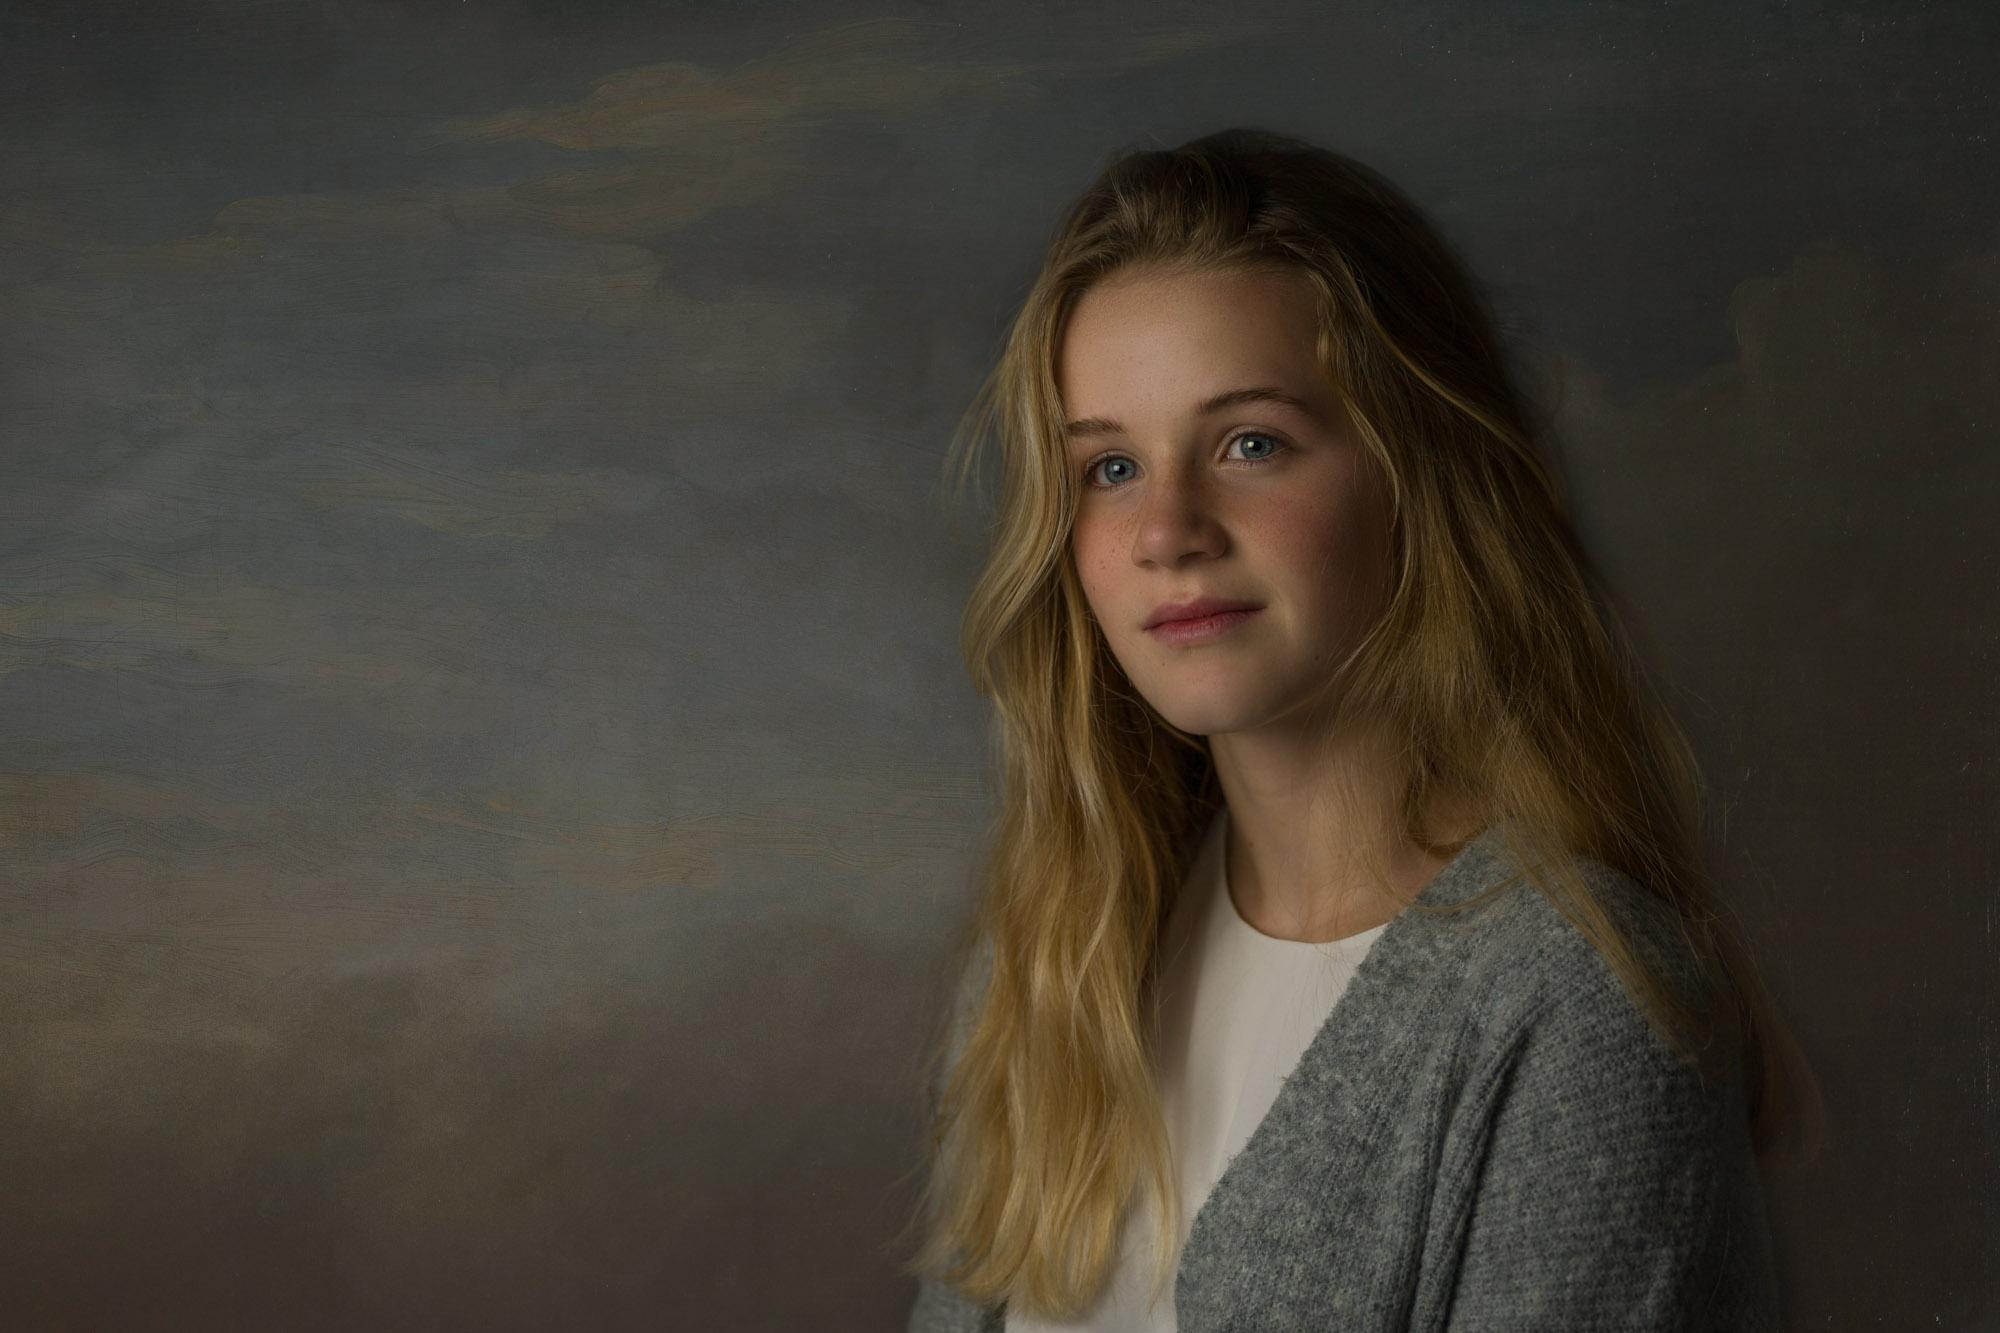 Portretfotograaf in Amersfoort. Fineartportret door Mayra Fotografie. Fotostudio regio Amersfoort.